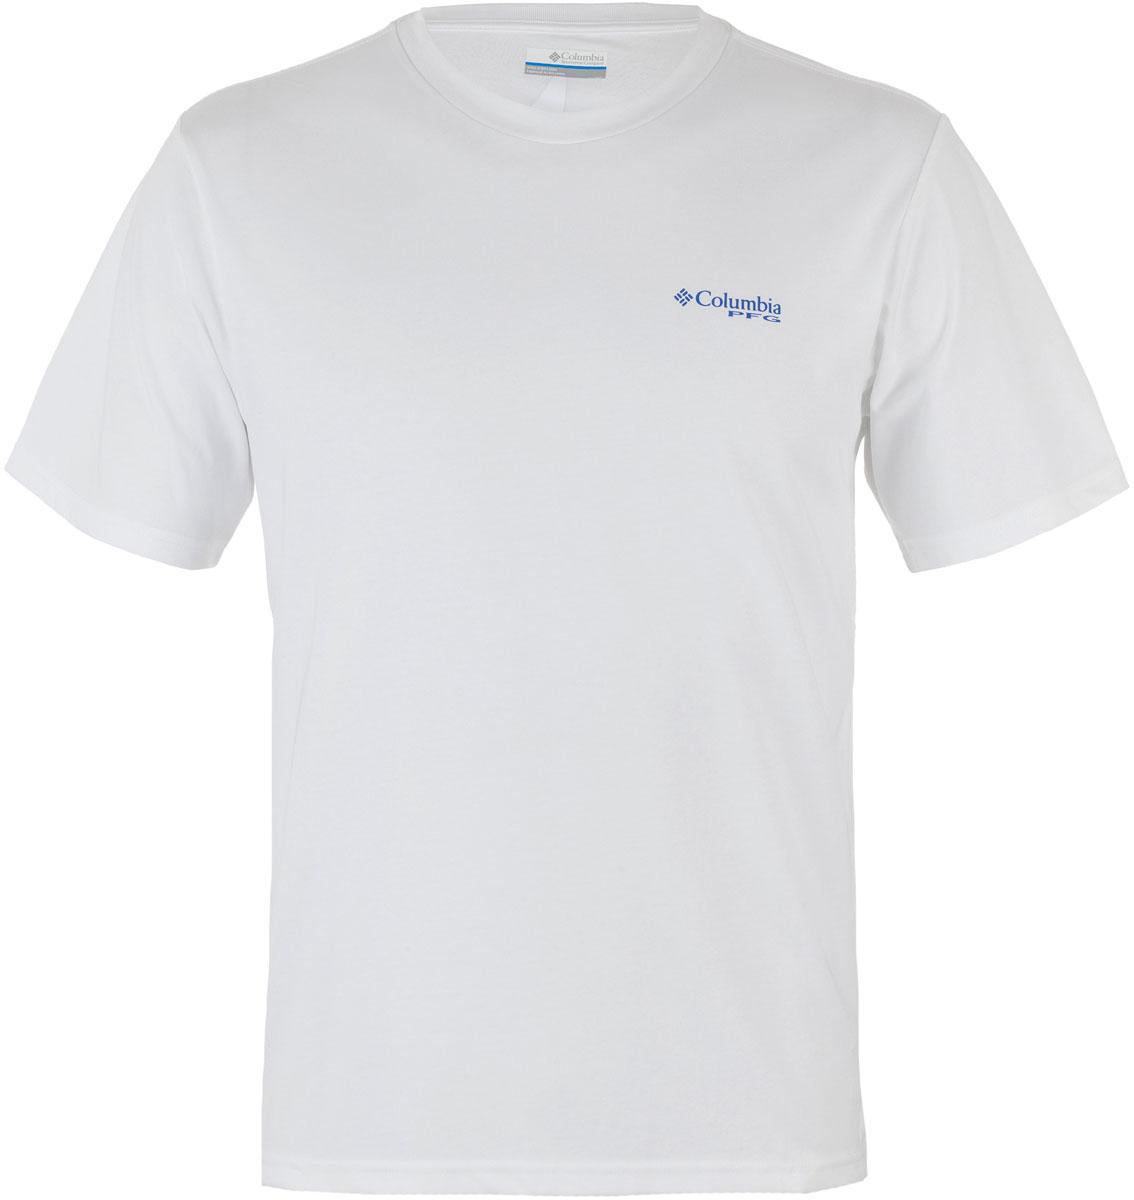 Футболка мужская Columbia PFG Shoreline Slam II SS T-shirt, цвет: белый. 1717161-100. Размер M (46/48)1717161-100Футболка Columbia - оптимальный вариант для активного отдыха и повседневного использования. Модель выполнена из смеси хлопка и полиэстера, обеспечивает максимально комфортные ощущения во время использования, быстро сохнет и не мнется.